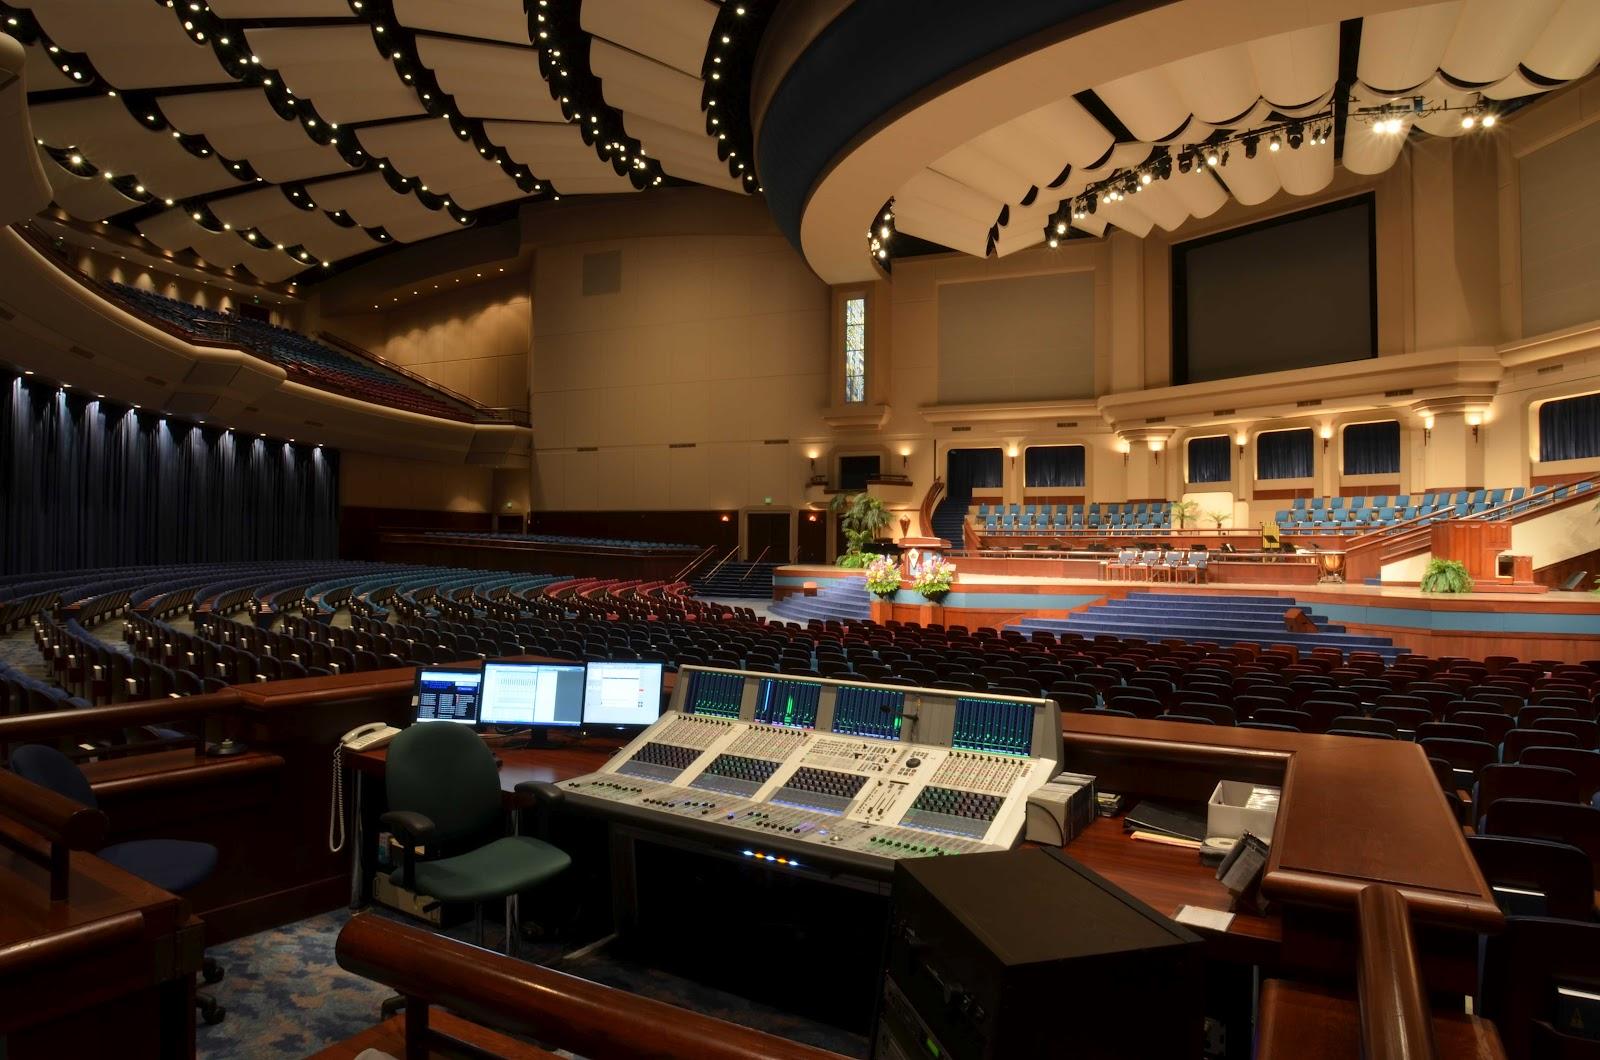 Crowne Centre Auditorium At Pensacola Christian College